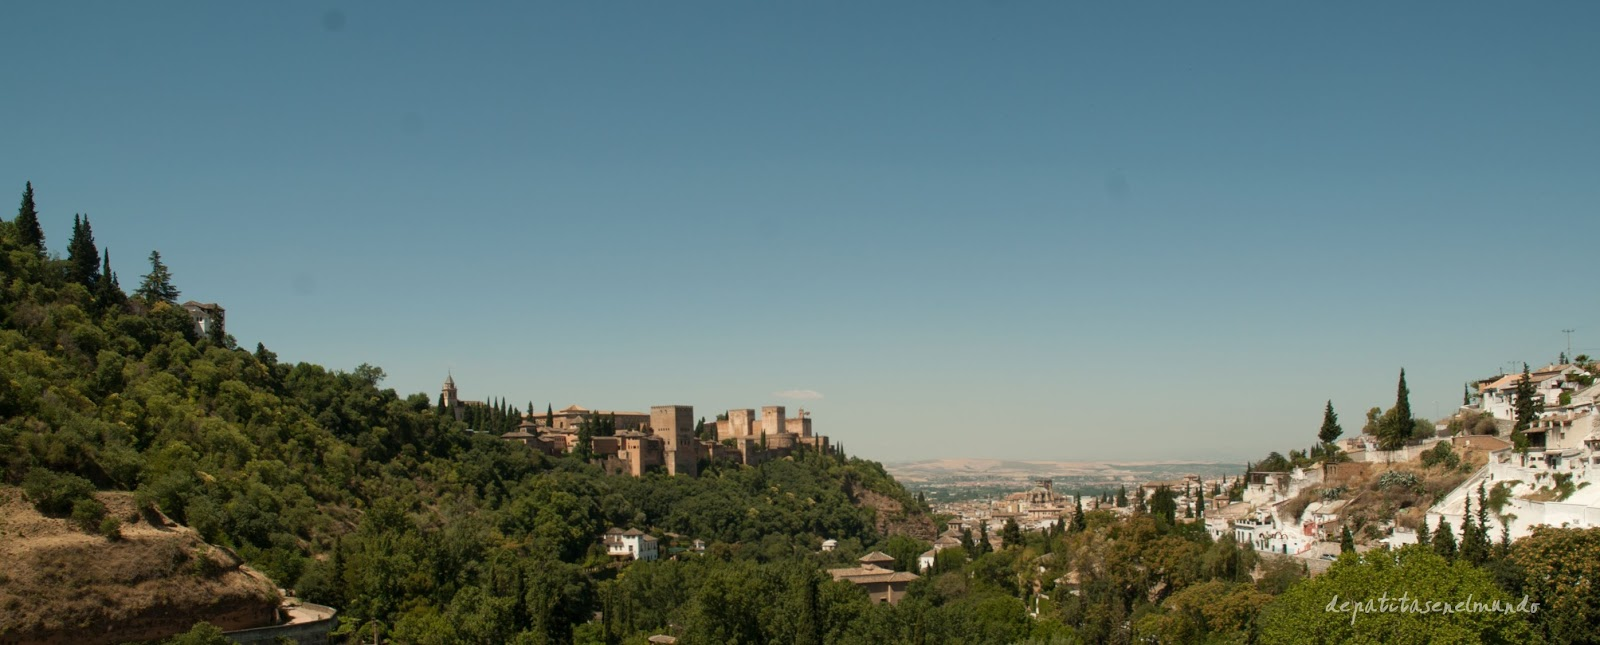 Vistas desde la Abadía del Sacromonte